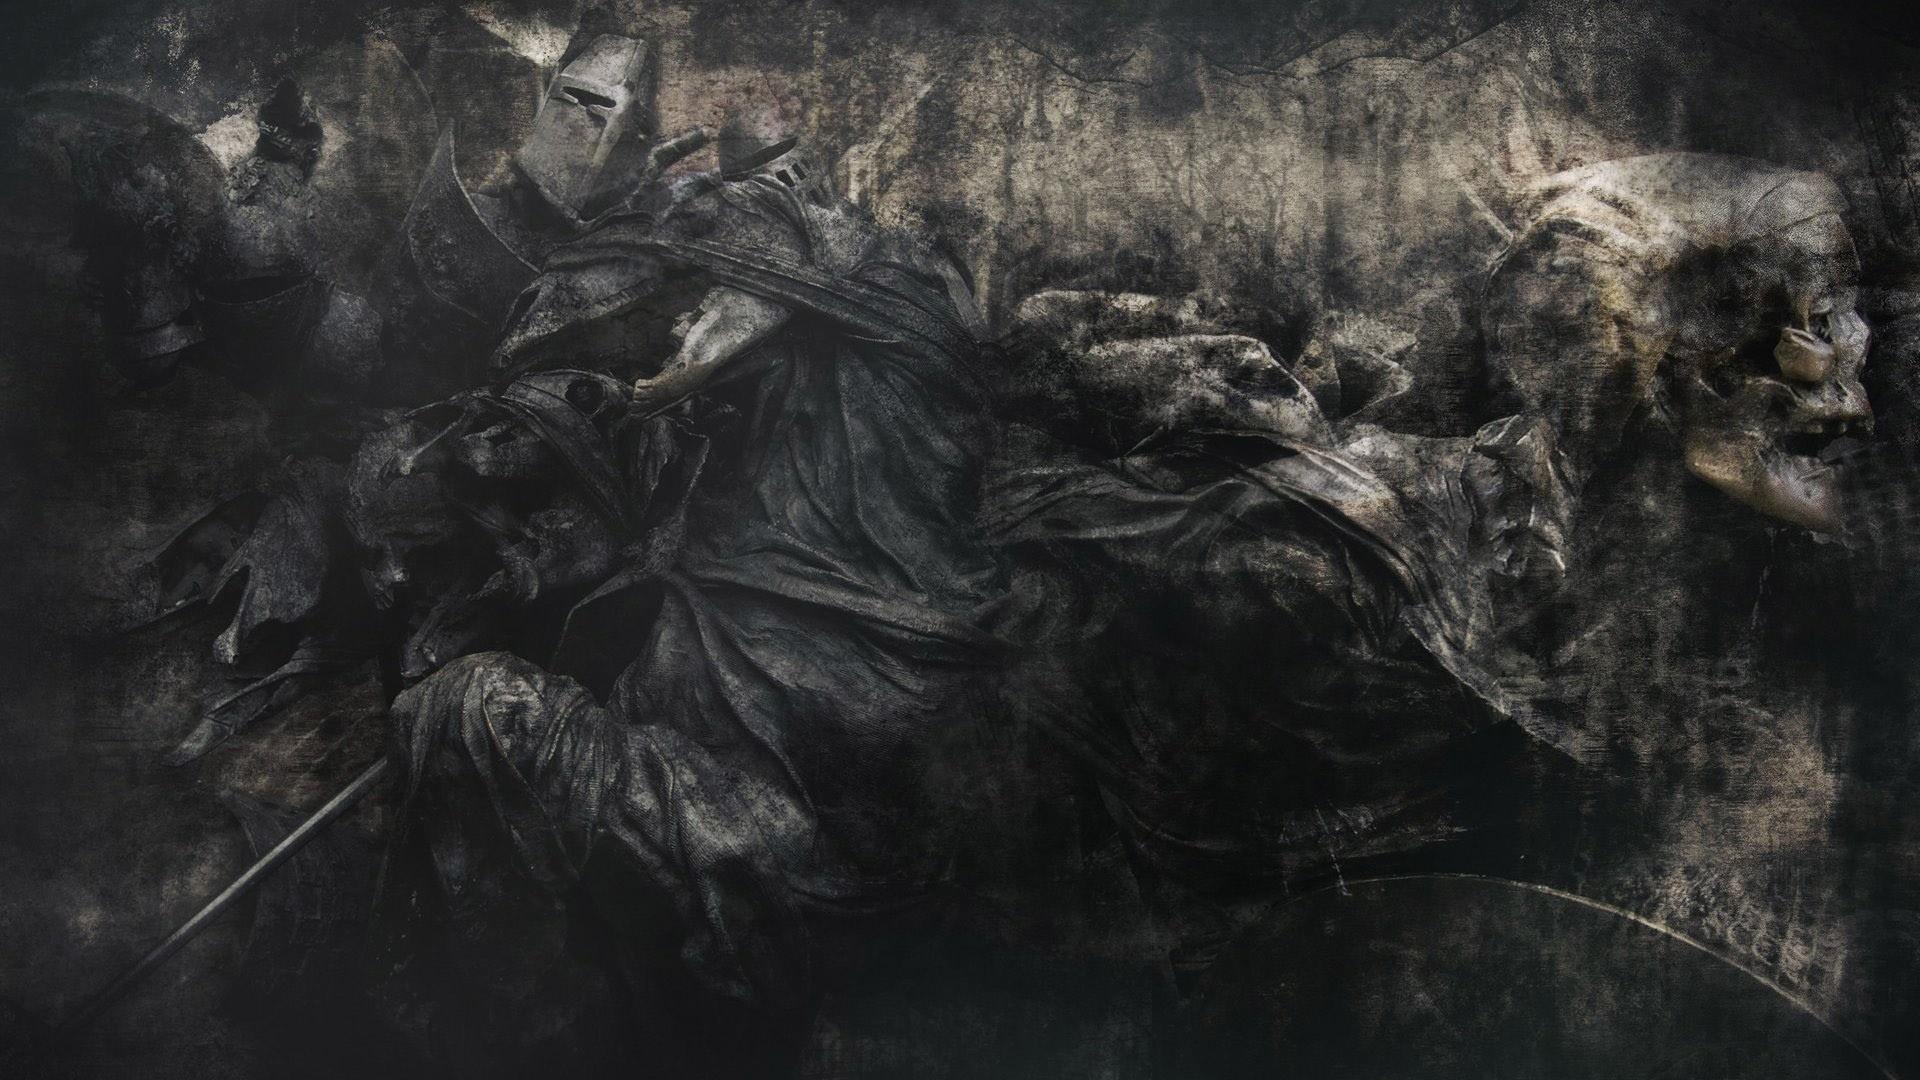 skulls evil skeleton reaper grim horror dead death gothic wallpaper .